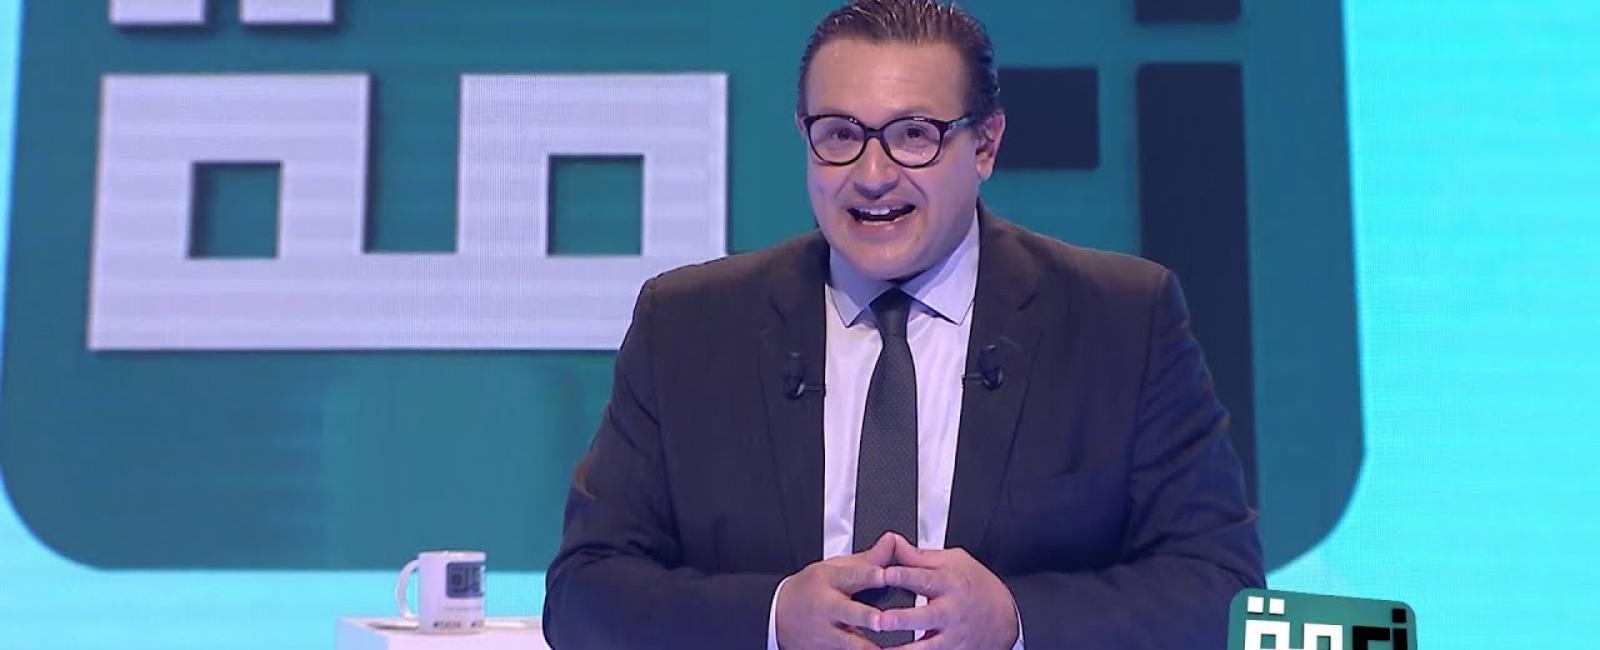 زعمة  تونس عرفت تختار رئيسها؟#